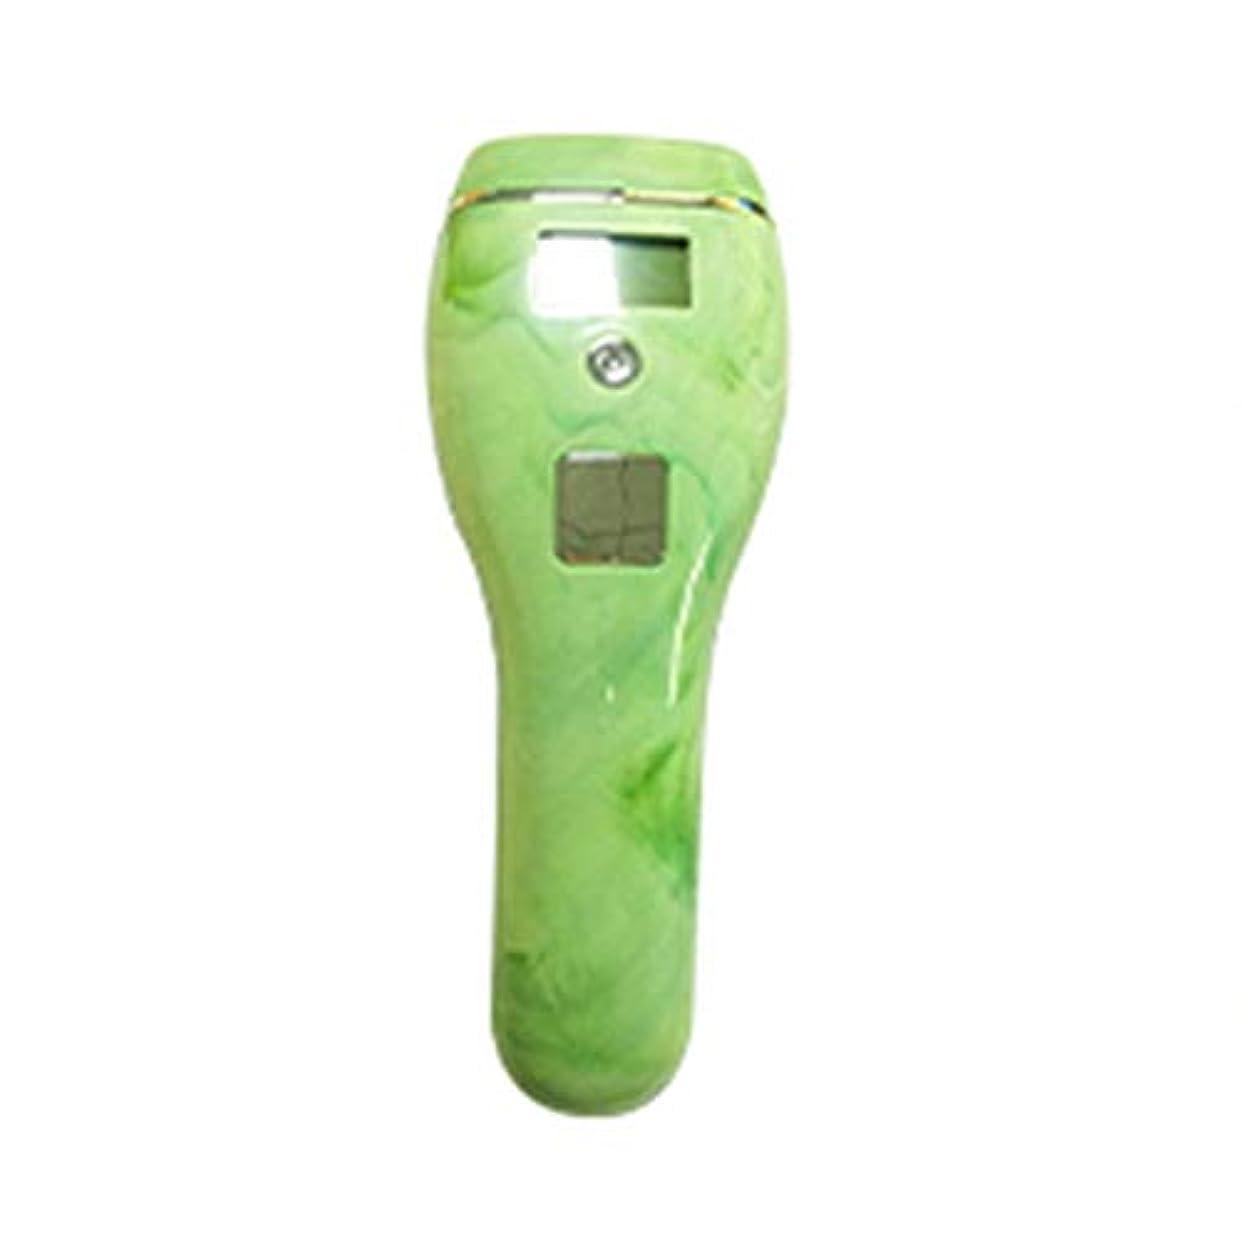 ブリードシリンダー同性愛者自動肌のカラーセンシング、グリーン、5速調整、クォーツチューブ、携帯用痛みのない全身凍結乾燥用除湿器、サイズ19x7x5cm 髪以外はきれい (Color : Green)